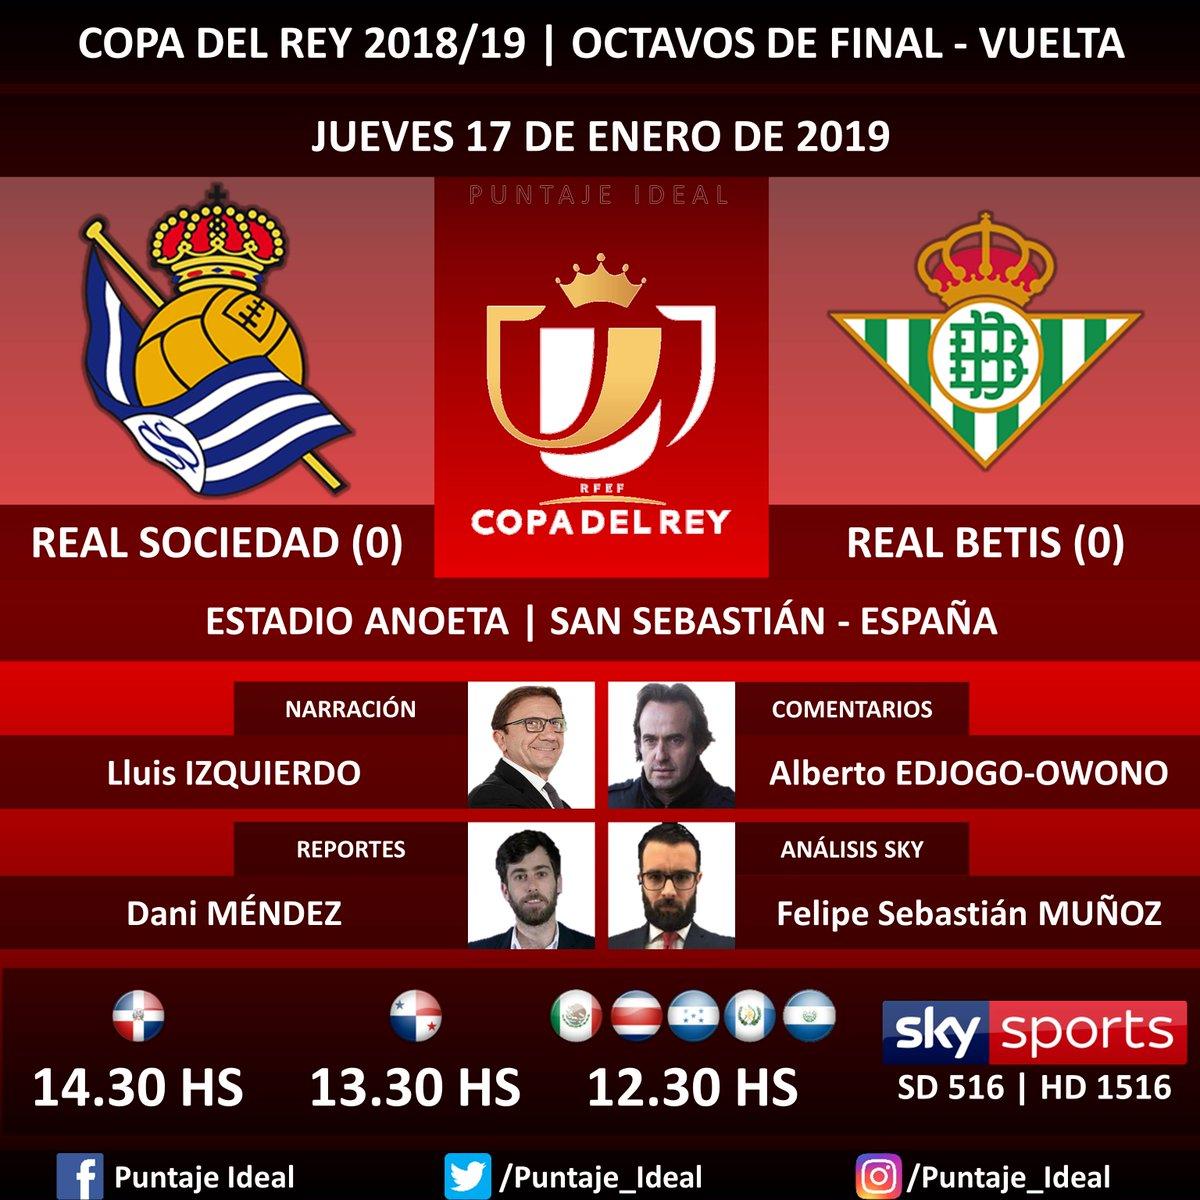 ⚽ #FútbolPorSKY   #RealSociedad vs. #RealBetis 🎙 Narración: @lluisizquierdo  🎙 Comentarios: Miquel Soler 🎙 Reportes: @Danimendez7  🎙 Análisis SKY Sports: @fpesebastian  📺 TV: #SKYSports (516 - 1516 HD) 🤳 @futbolporsky - #CopaDelRey 🇪🇸 - #RealSociedadRealBetis Dale RT 🔃